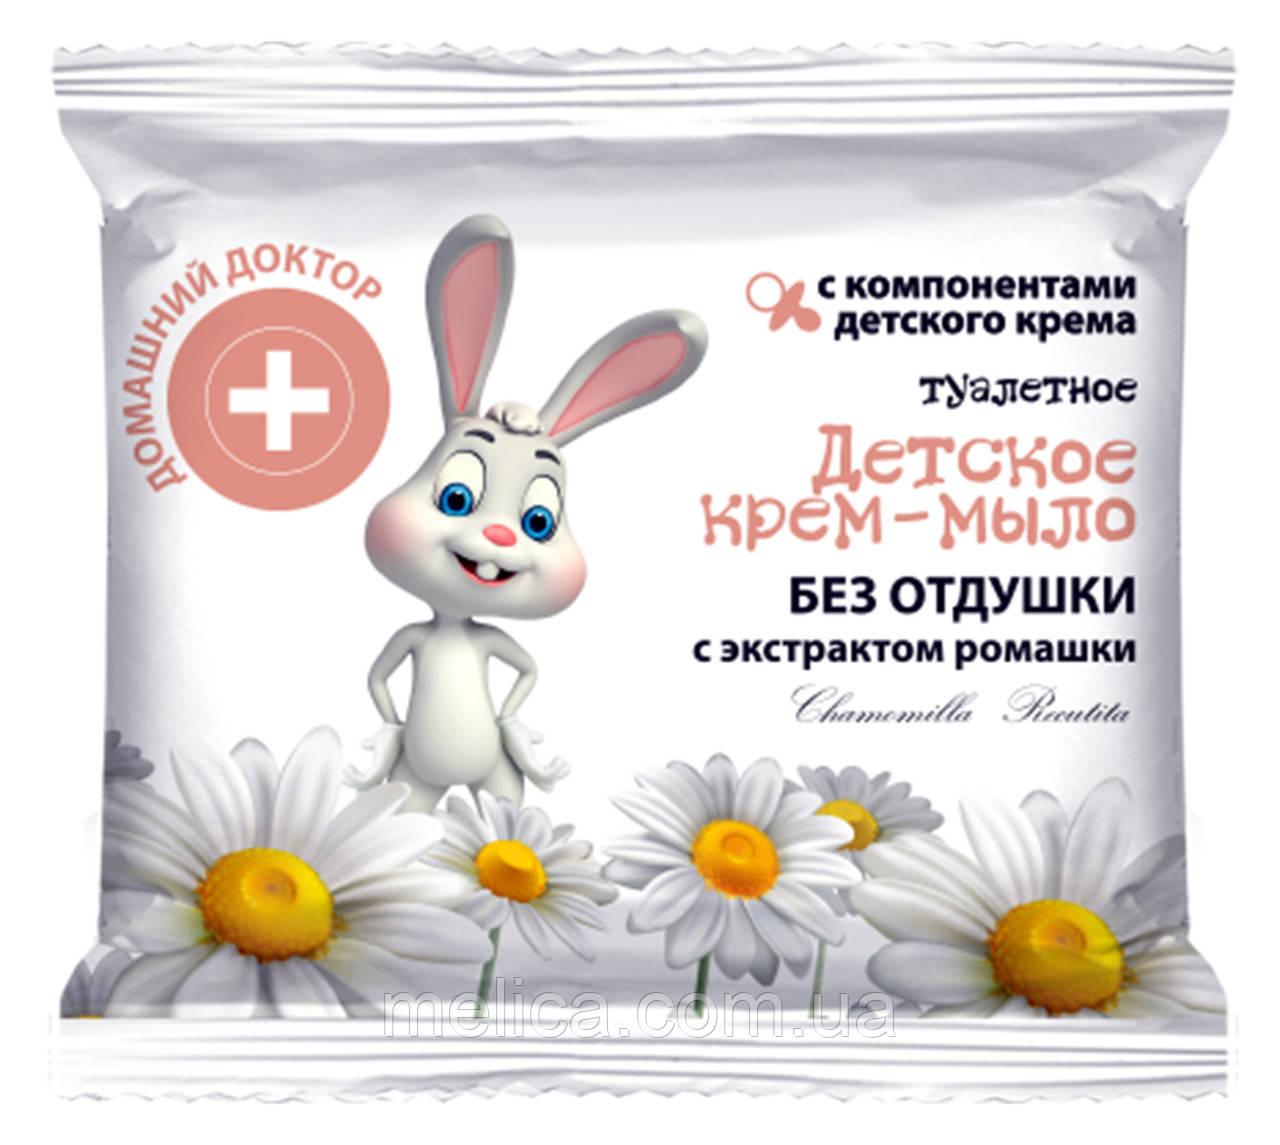 Детское крем-мыло Домашний Доктор с экстрактом ромашки без отдушки - 70 г.